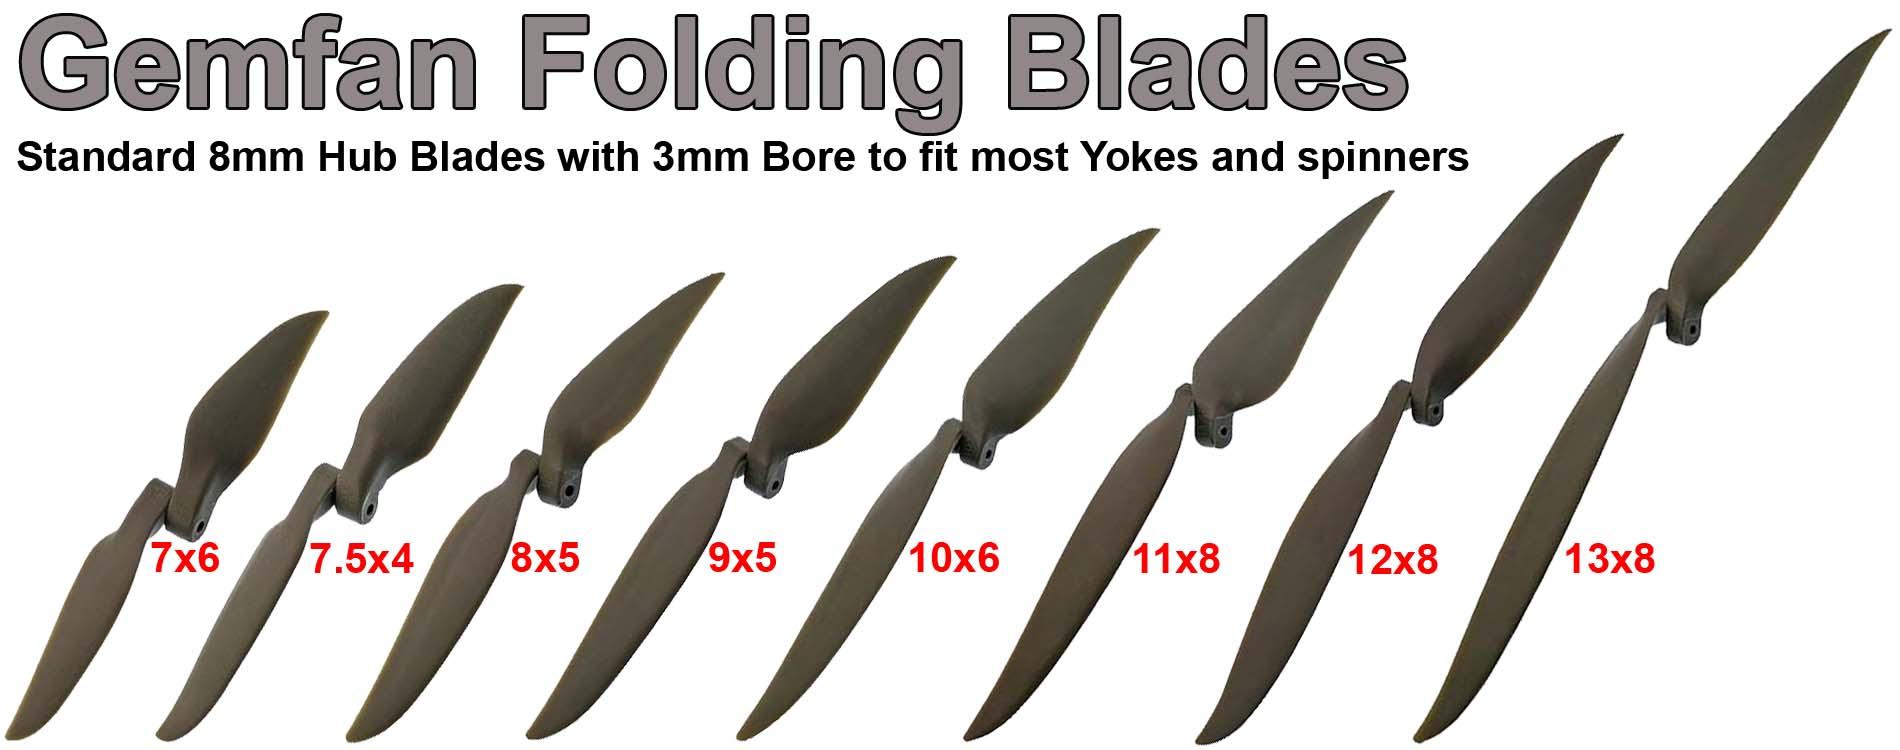 Gemfan Folding Blades